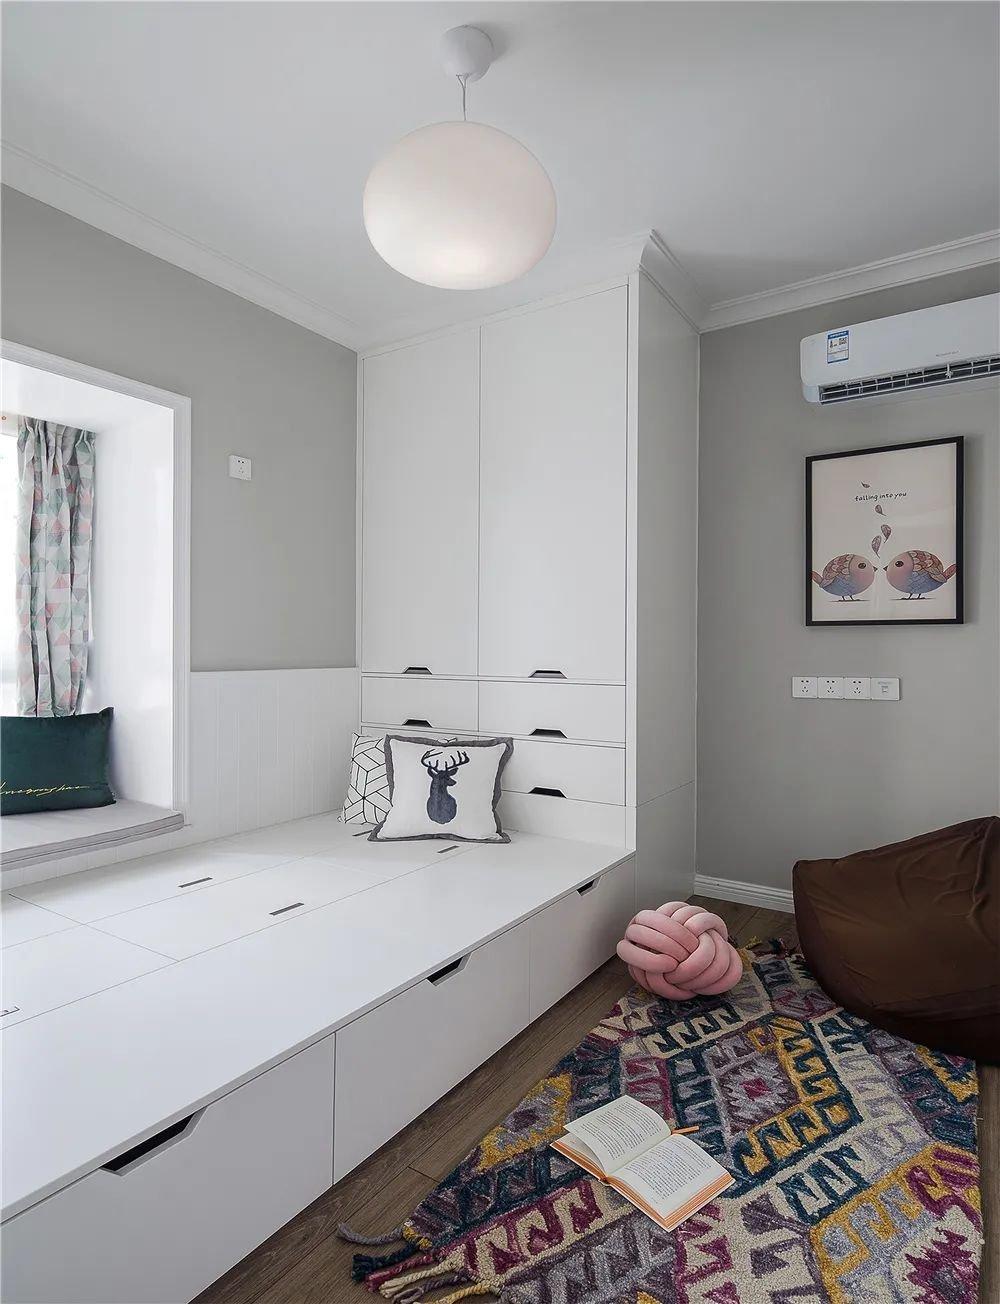 沐鸣2注册登录 101㎡新房,时尚的北欧风装修,尤其是厨房真的特漂亮